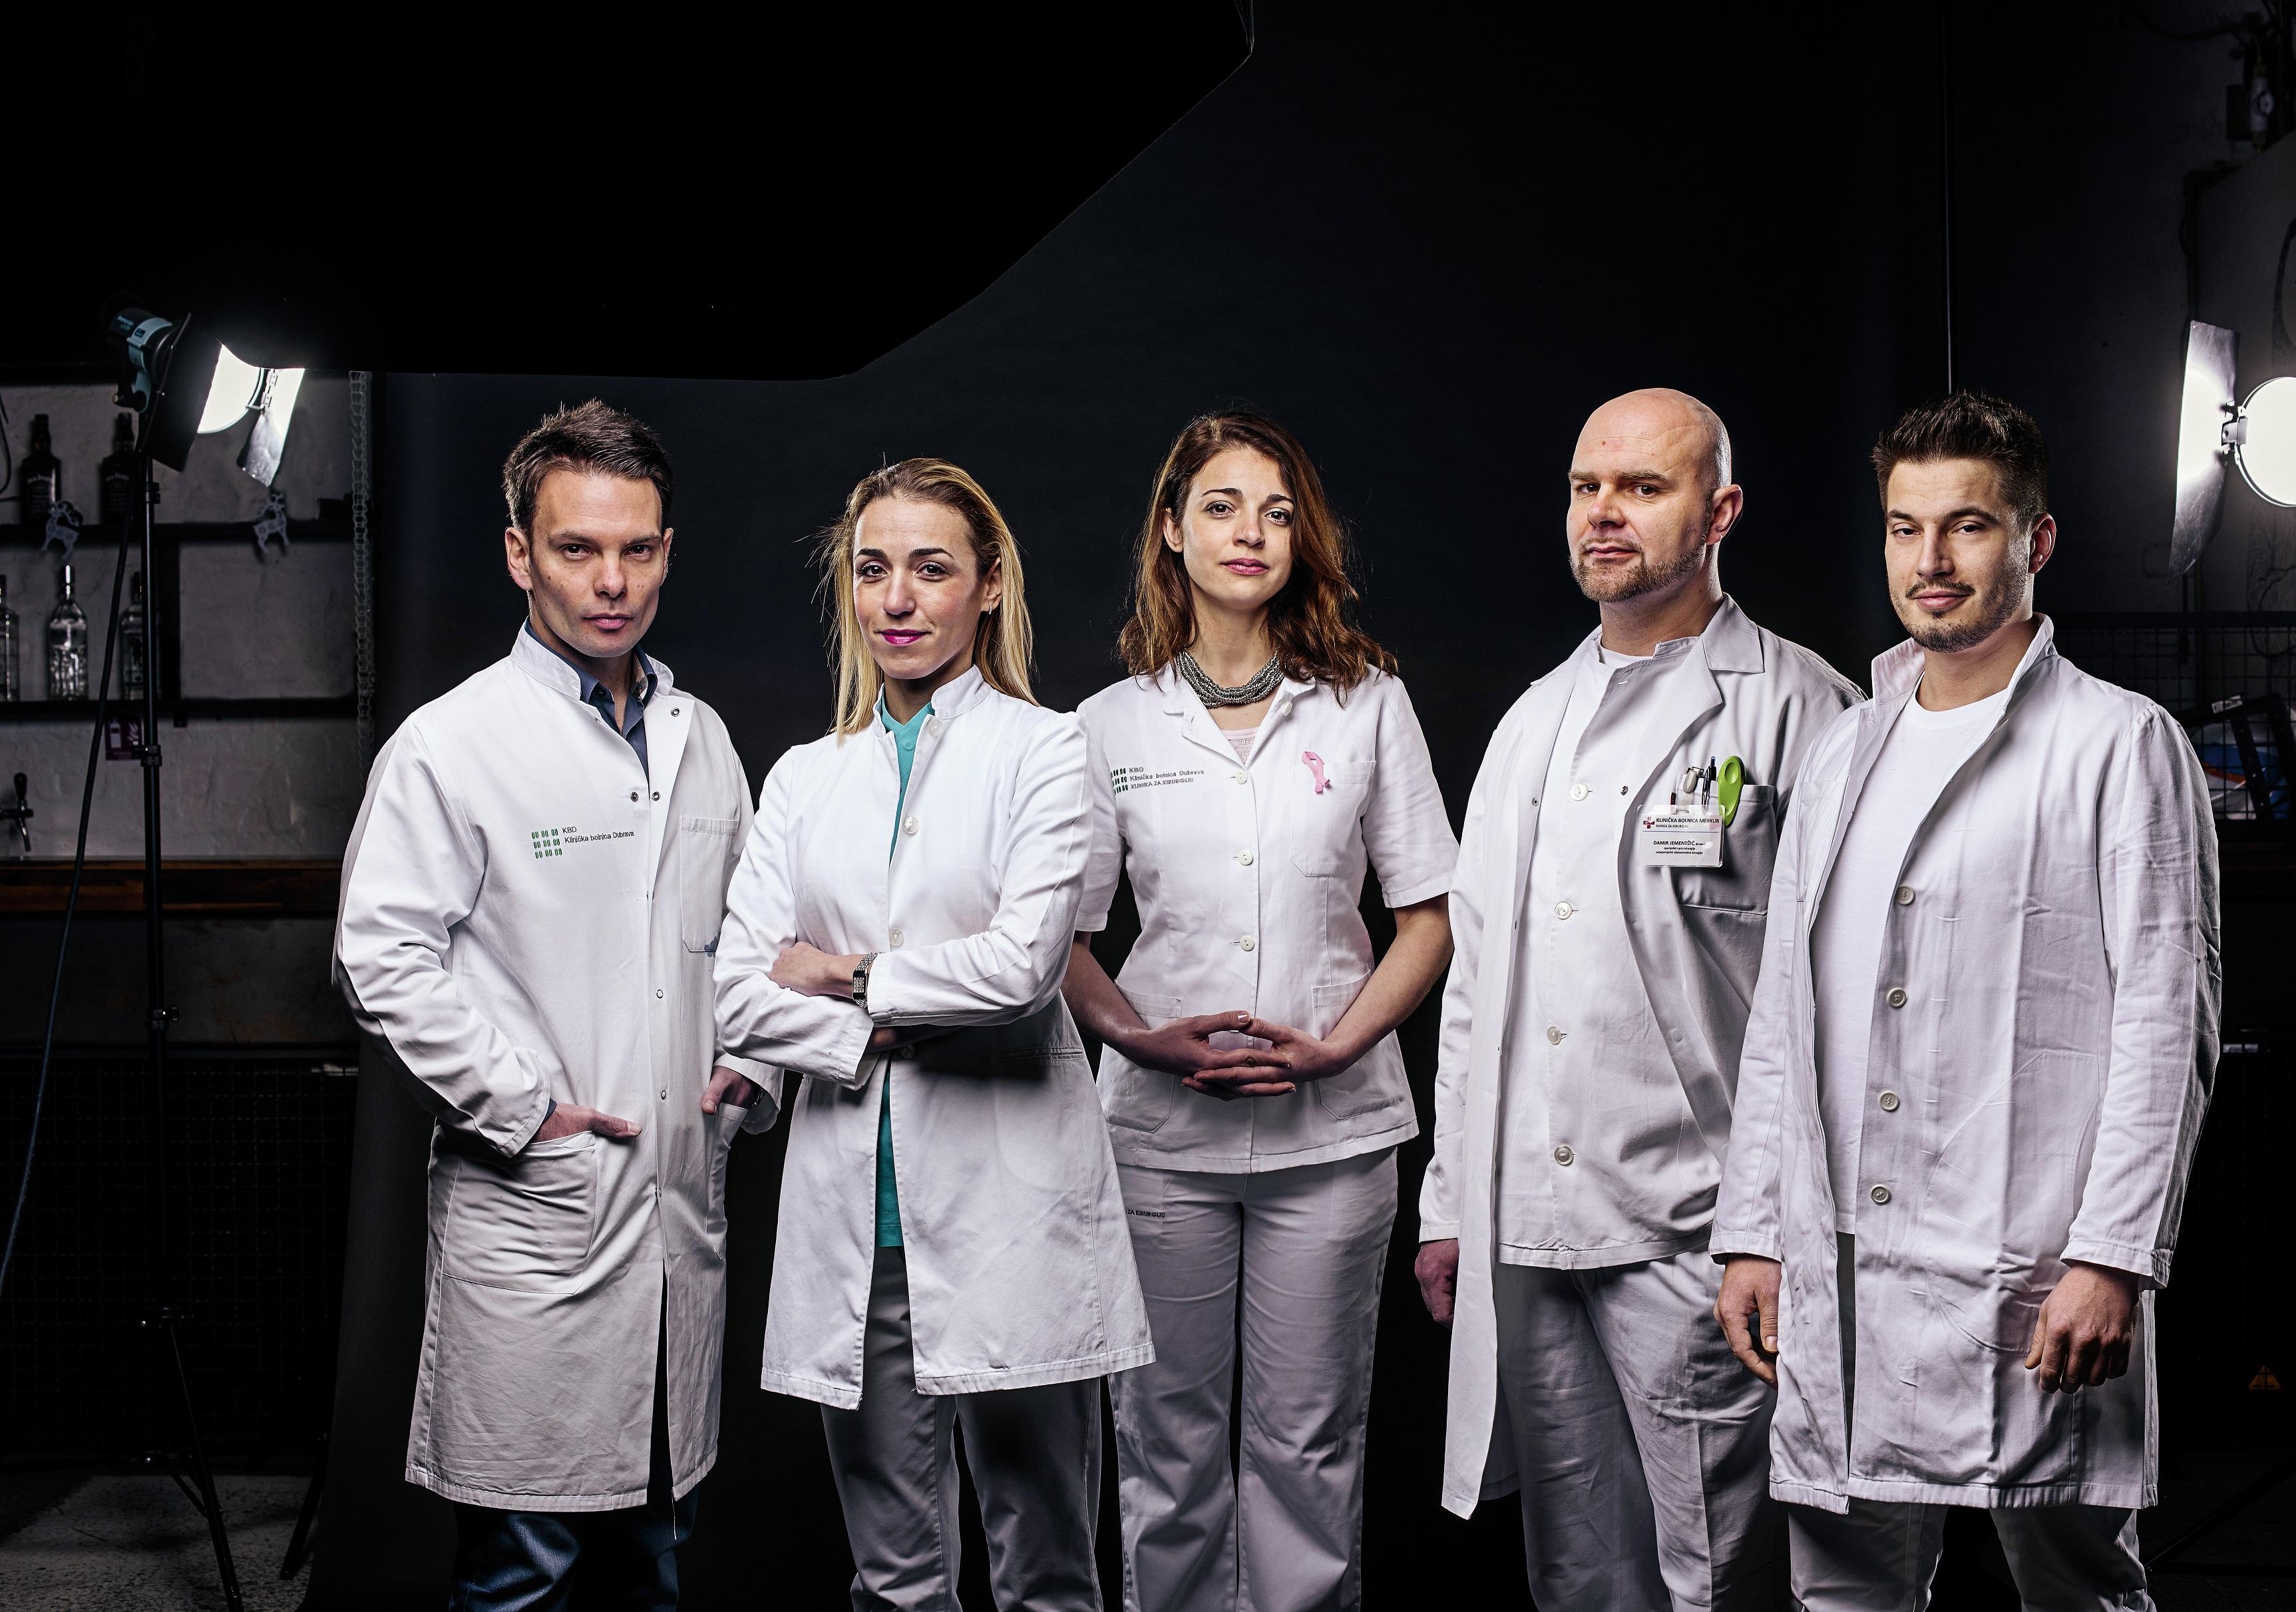 doktori skupna_F (3)